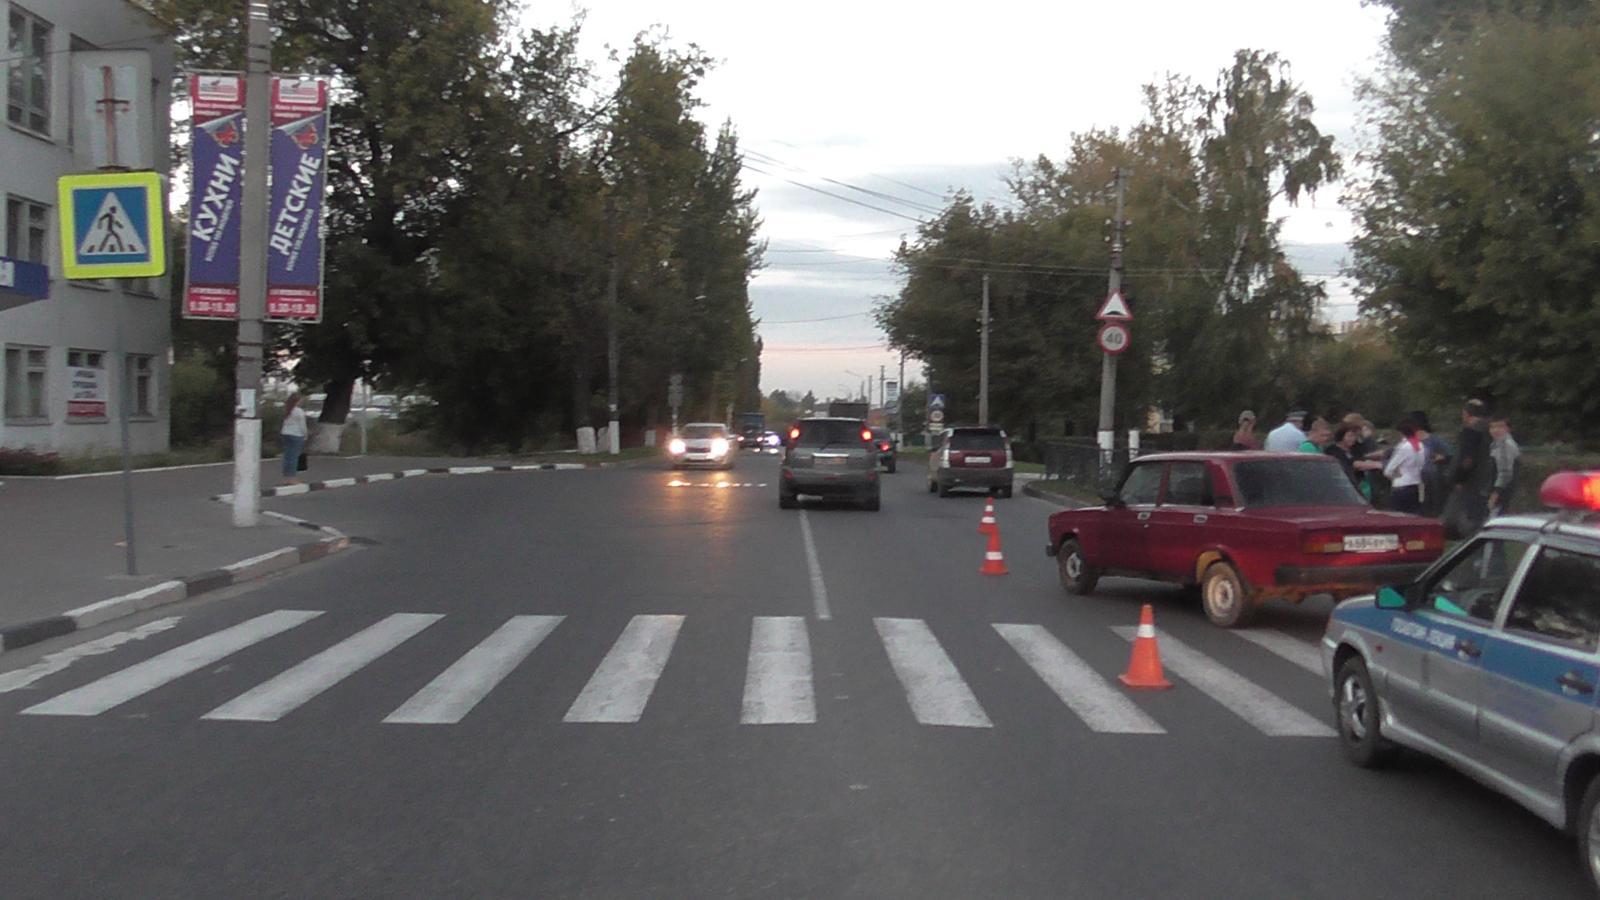 ВКурске несовершеннолетний шофёр «семёрки» сбил 2-х пешеходов напереходе. Есть пострадавшие